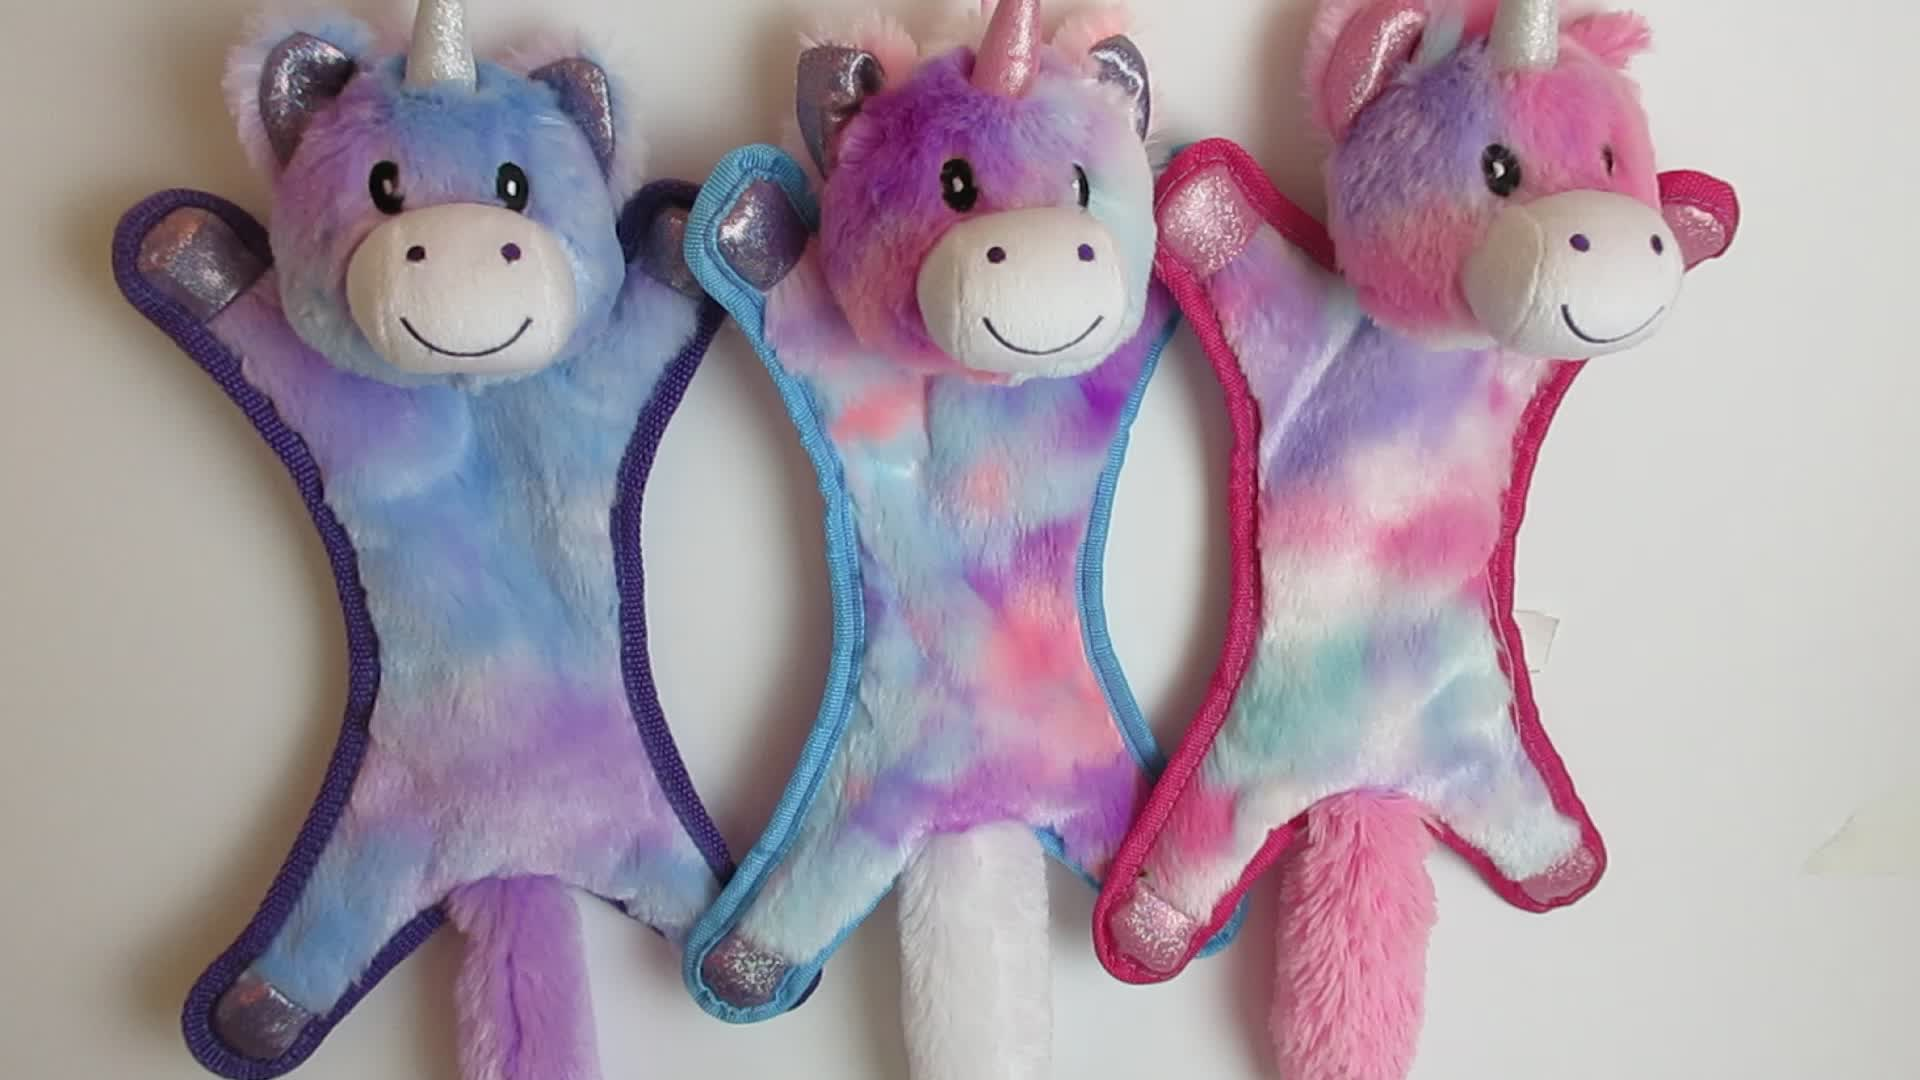 Heißes verkaufendes Gewohnheit angefülltes Plüschhundespielzeug des Plüschhundes mit buntem Spielzeug der Squeaker-Einhornform für Welpenspiel und Biss